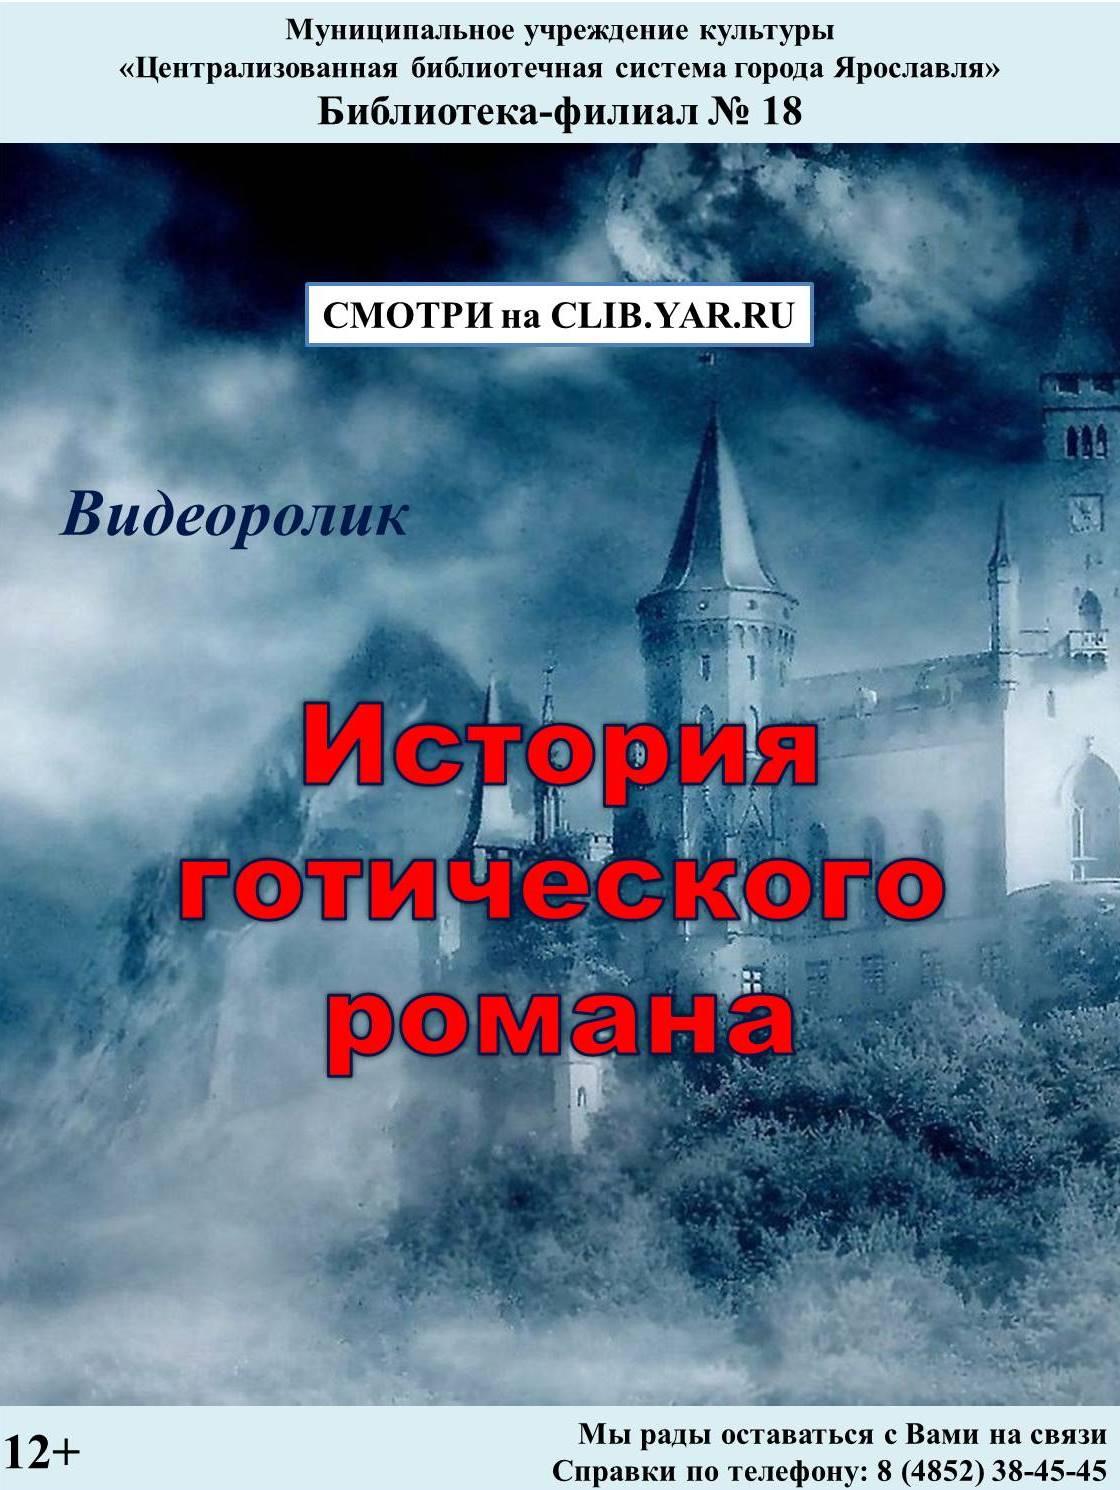 Видеоролик «История готического романа»